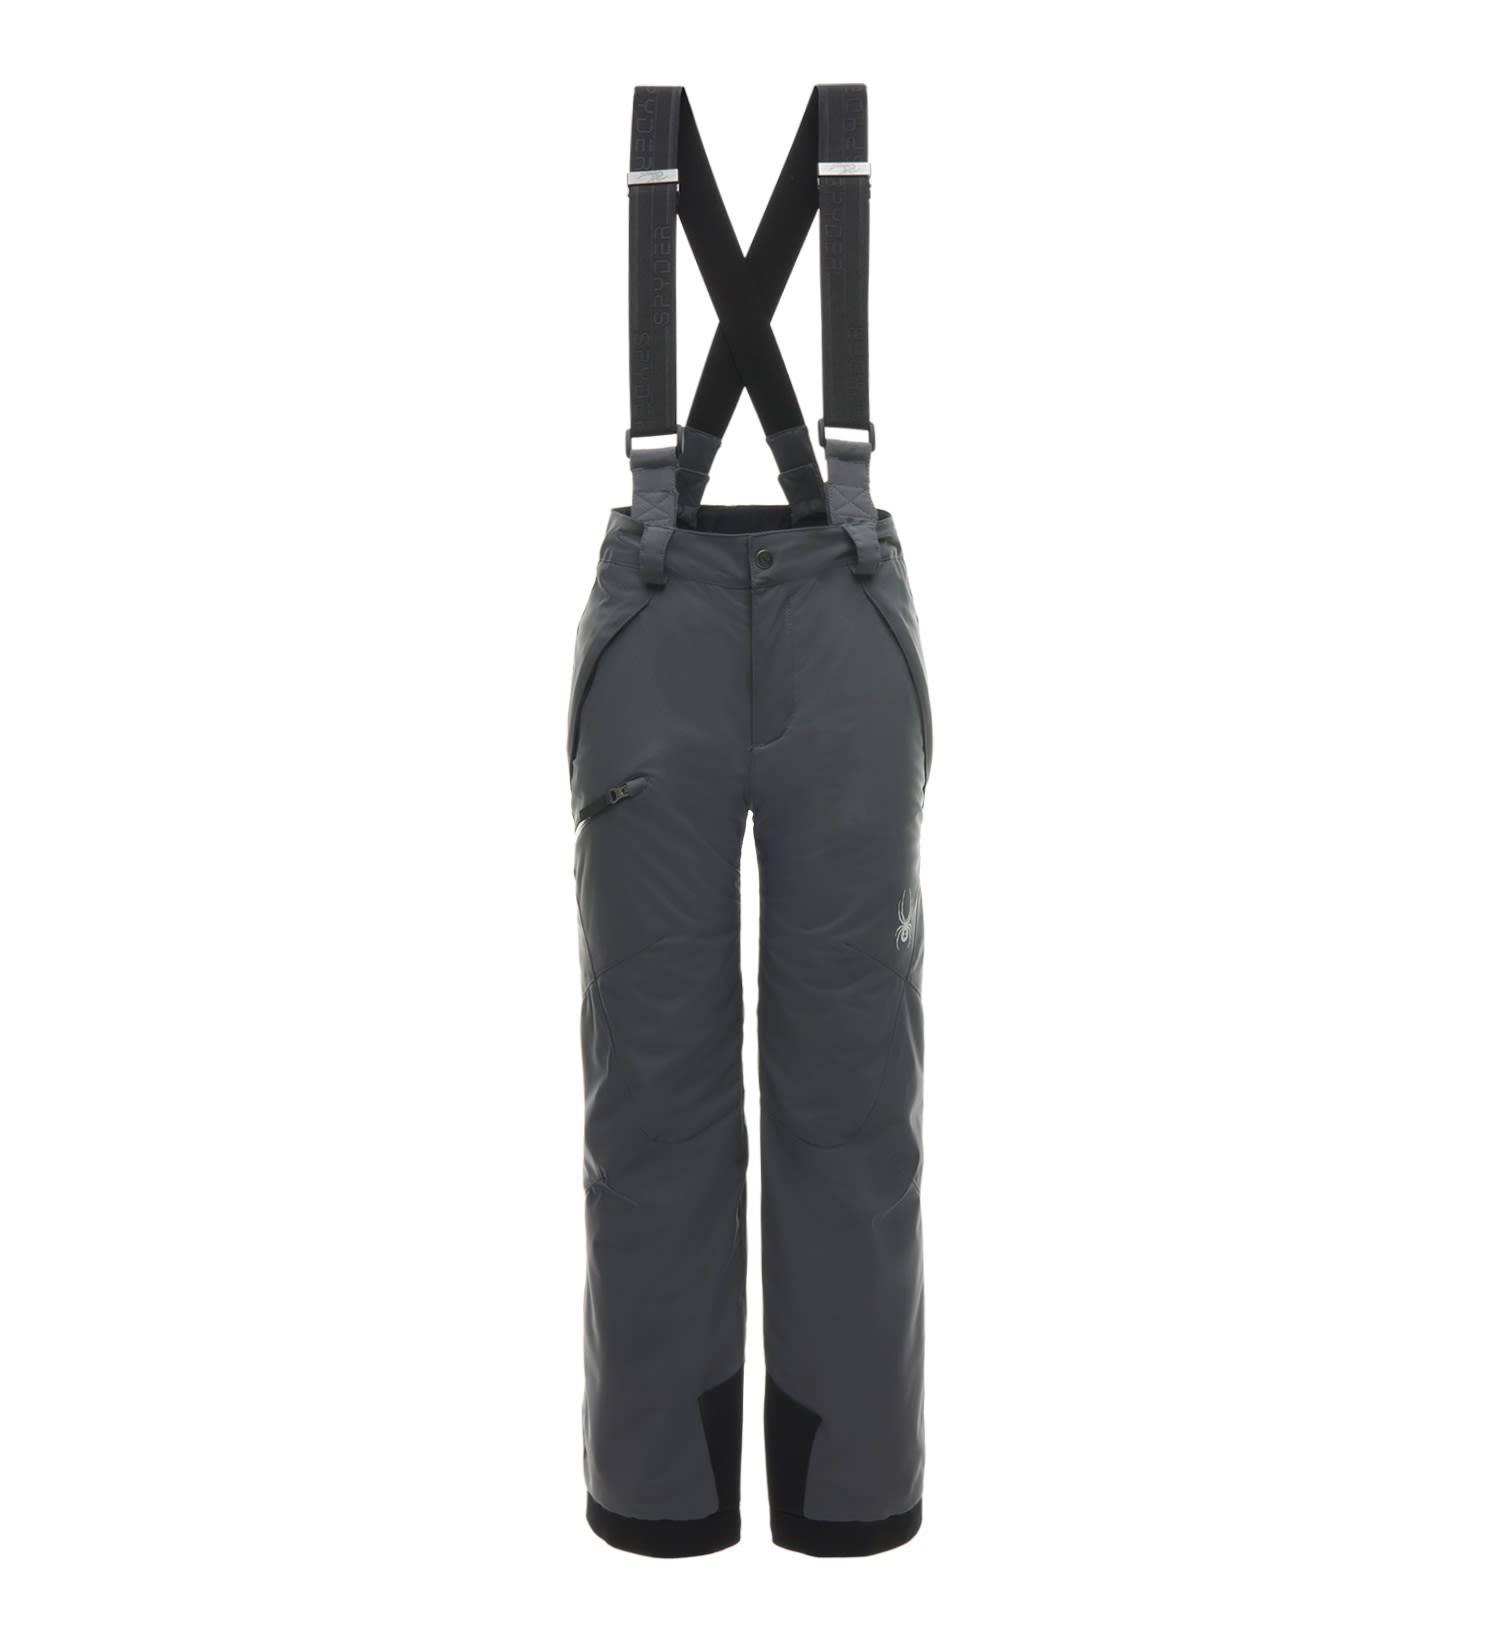 Negros 069 Polares Pantalón 8 Lluvia De Propulsión Boy Spyder Gris Pantalones xaqZ8